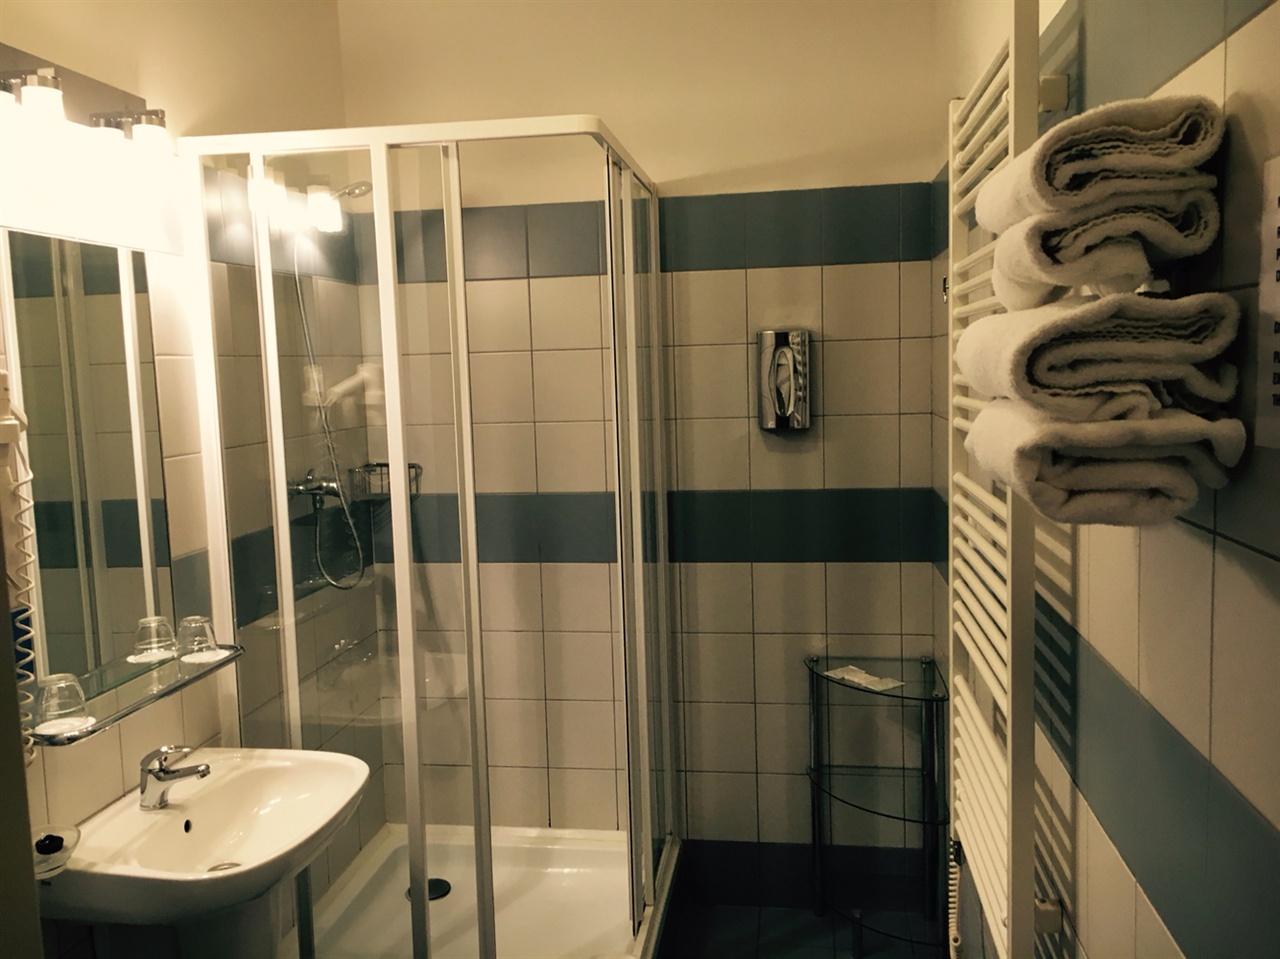 악센트 호텔 욕실 내부의 모습